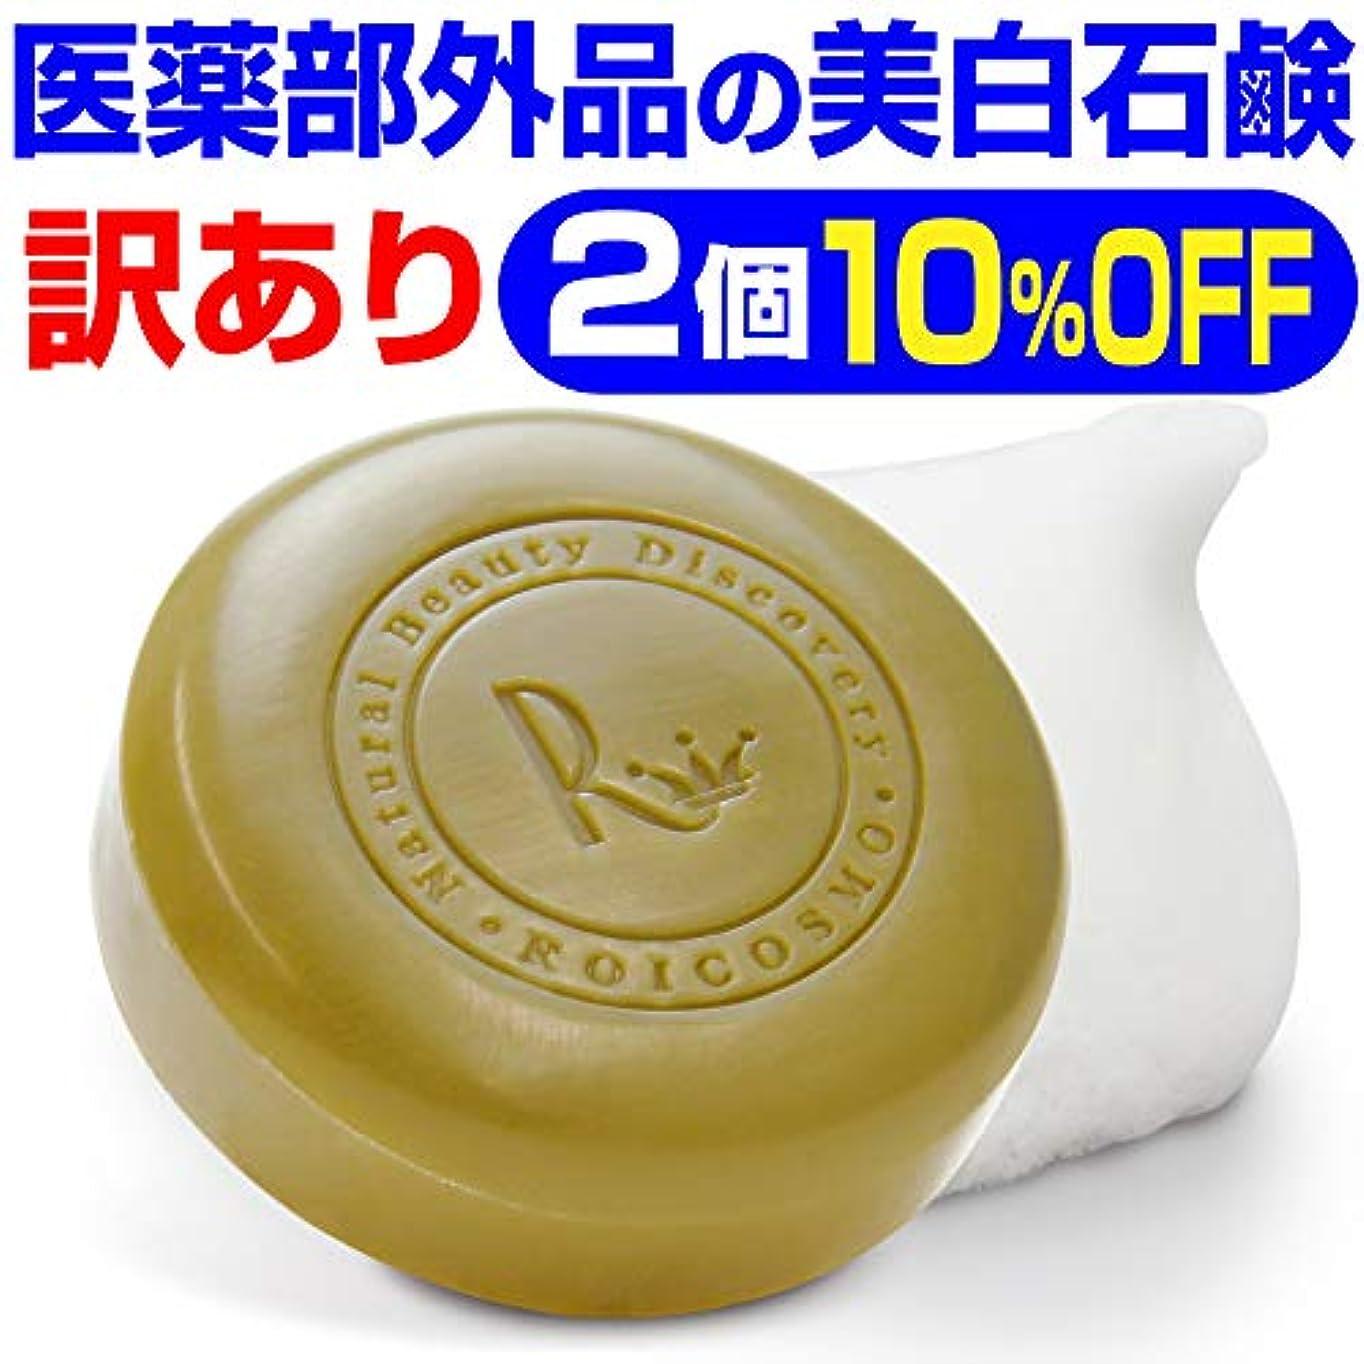 カウボーイ最初炭素訳あり10%OFF(1個2,143円)売切れ御免 ビタミンC270倍の美白成分の 洗顔石鹸『ホワイトソープ100g×2個』